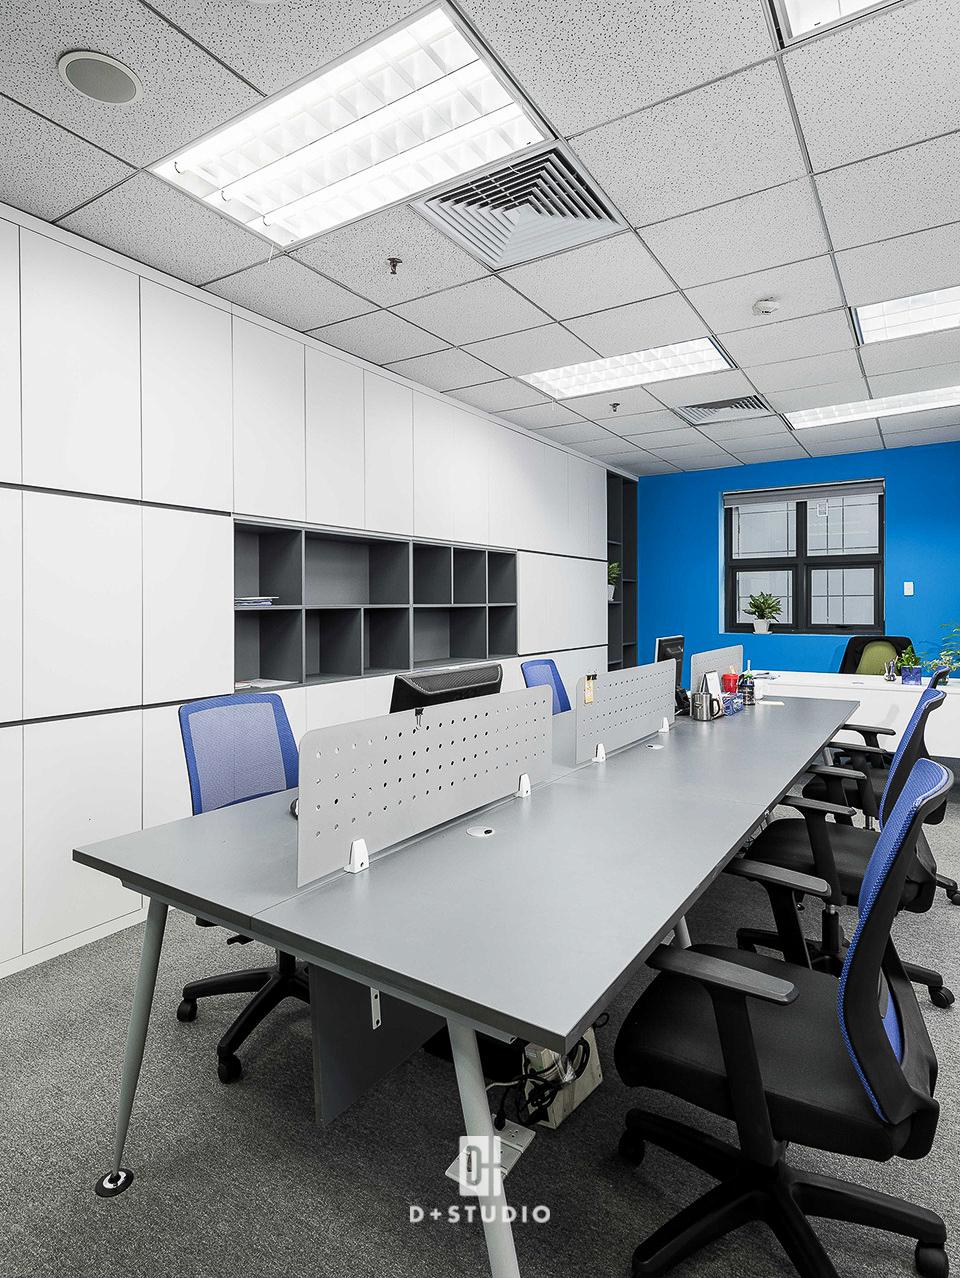 Màu xanh dương được sử dụng làm điểm nhấn tạo không gian hòa hợp, tăng điểm tương tác cho văn phòng làm việc CMC